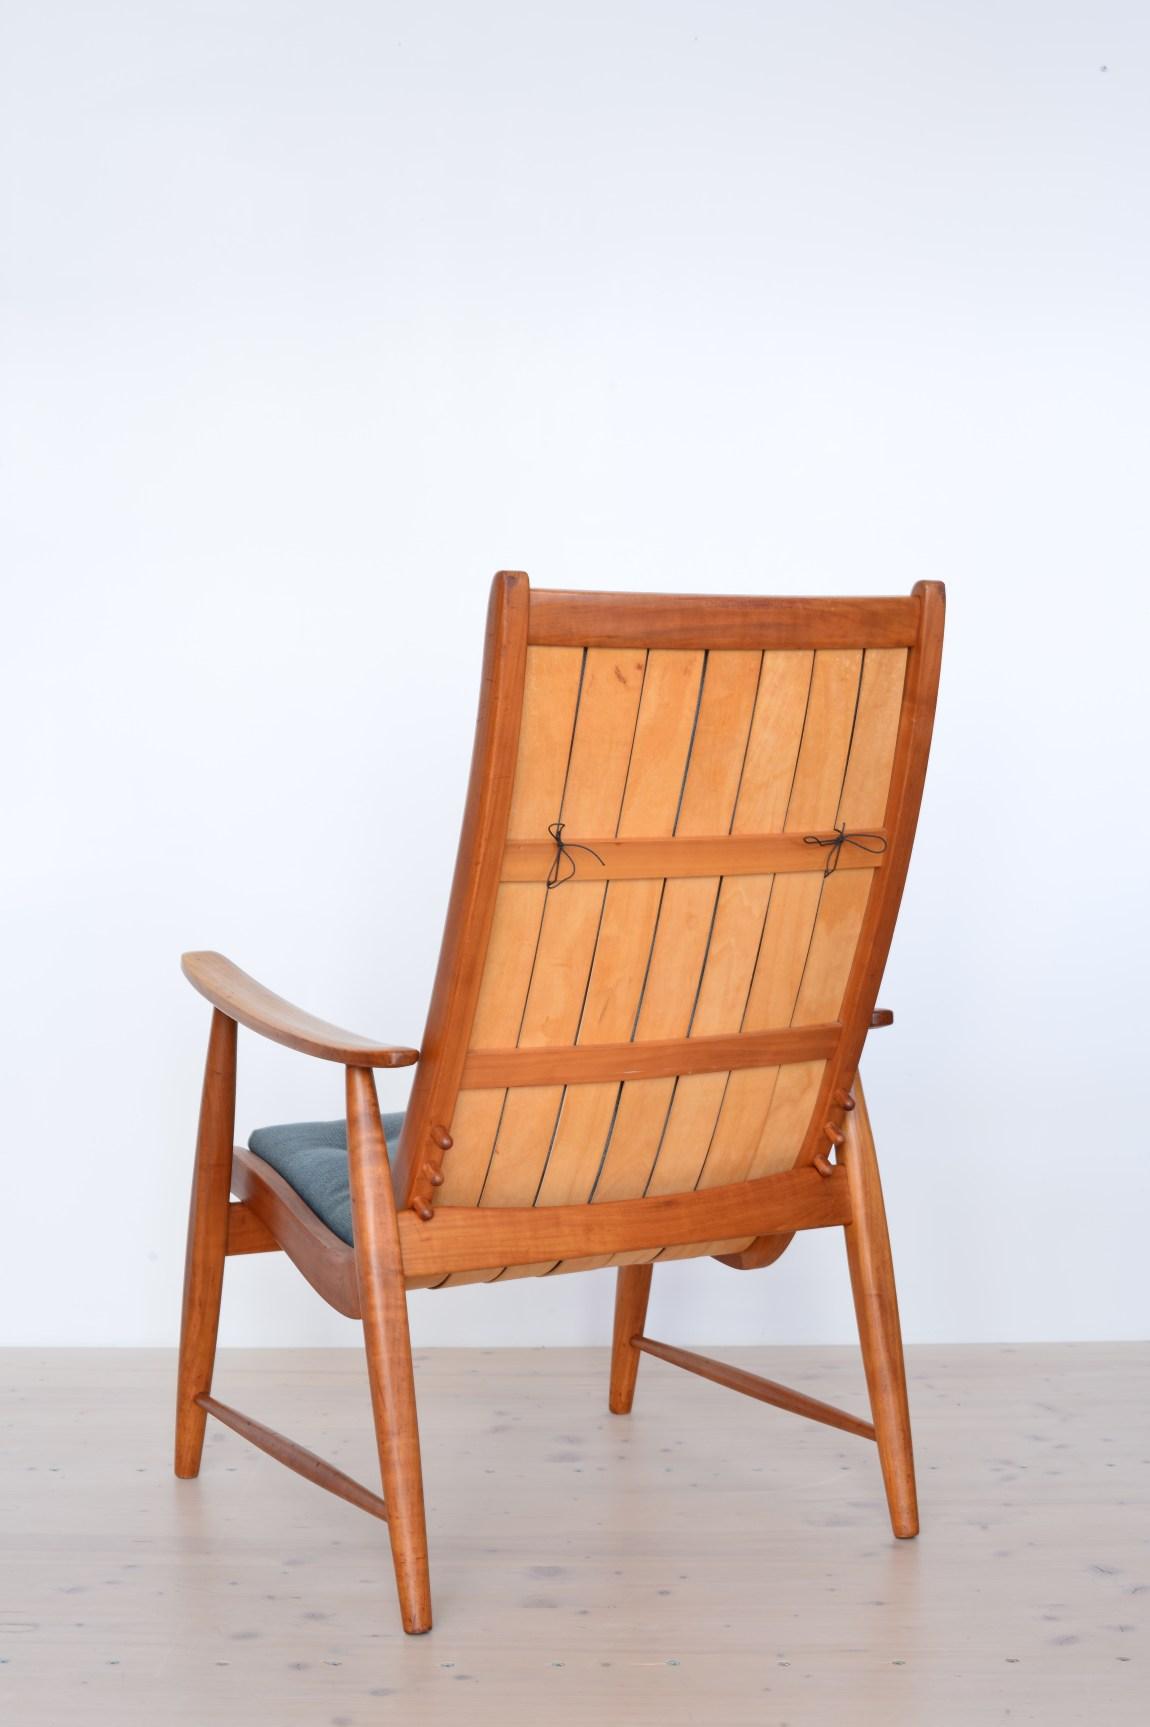 xJacob Muller Ronco Chair Original available at heyday möbel, Grubenstrasse 19, 8045 Zurich, Switzerland